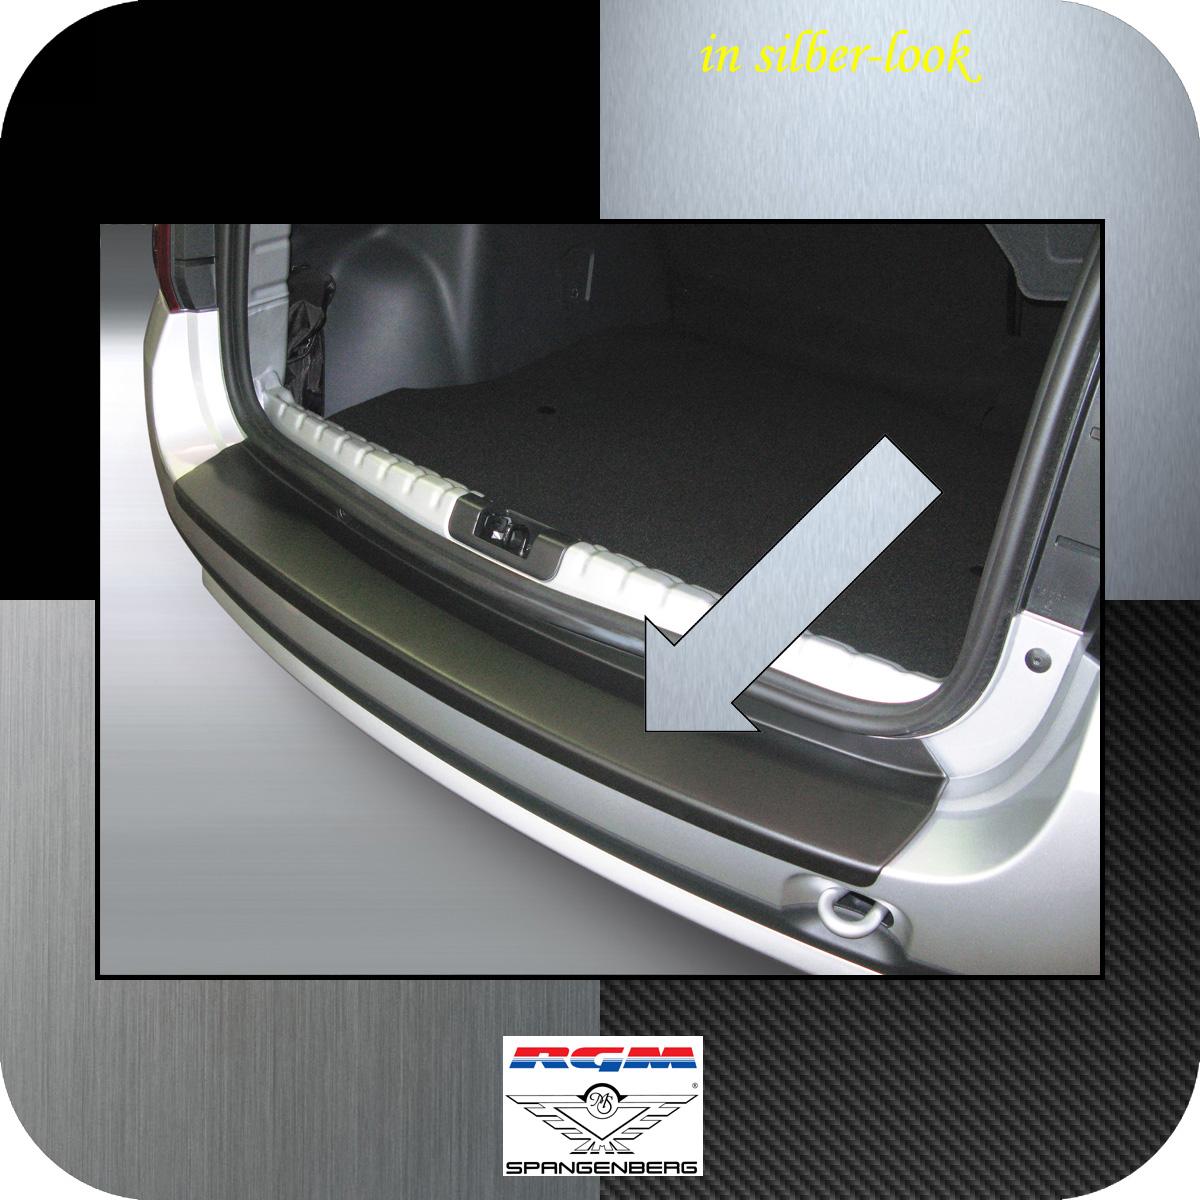 Ladekantenschutz Silber-Look Dacia Duster I SUV 1 Gen 5-Türer 2010-18 3506544